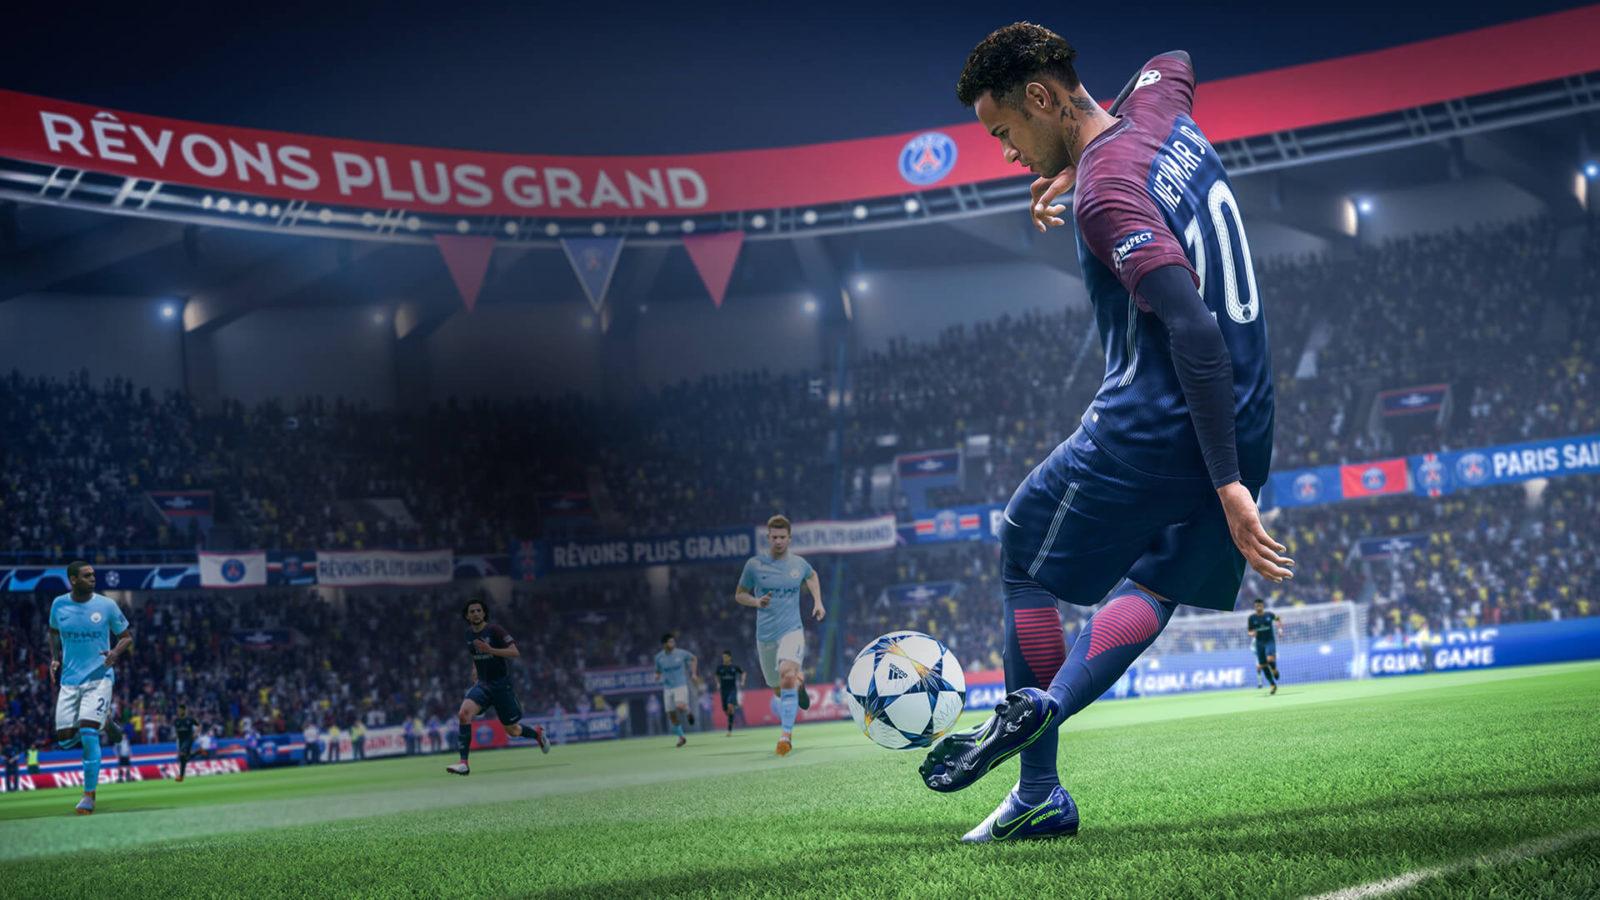 Критики хвалят FIFA 20, хотя геймплей в игре особо не изменилcя